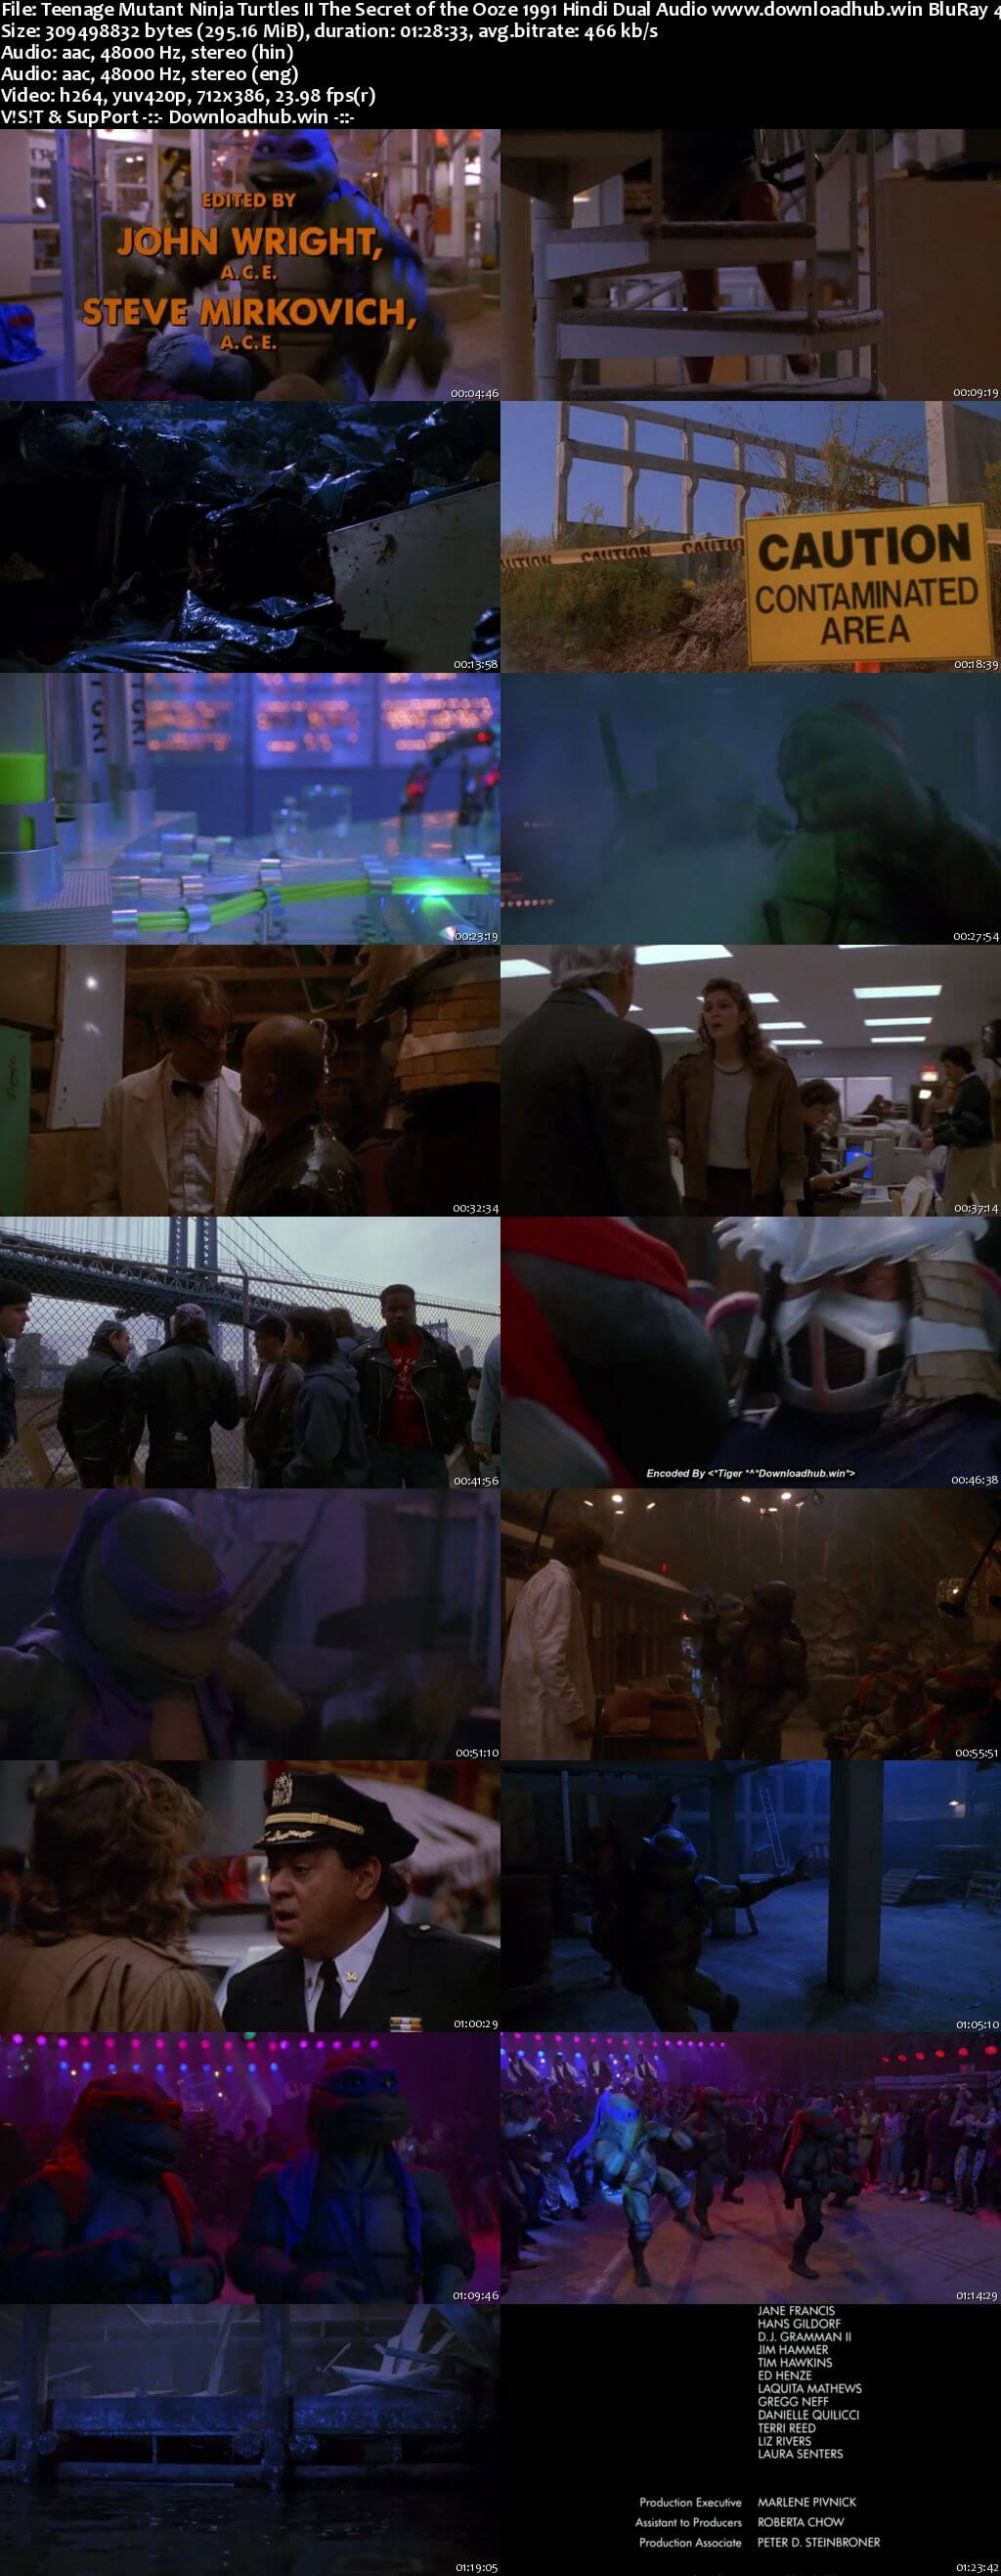 Teenage Mutant Ninja Turtles II The Secret of the Ooze 1991 Hindi Dual Audio 300MB BluRay 480p ESubs